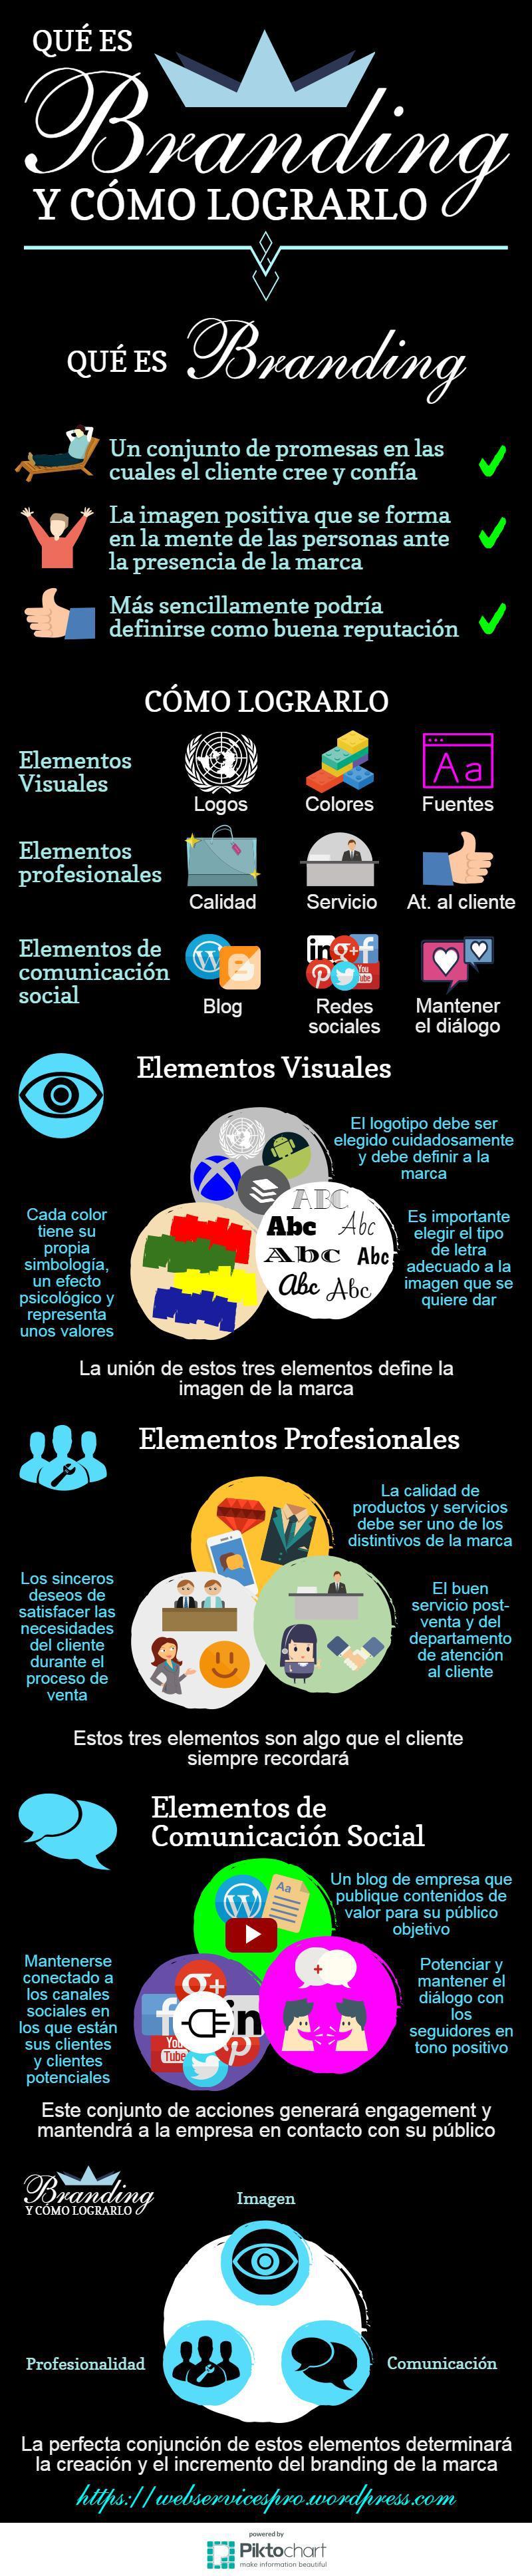 infografía branding